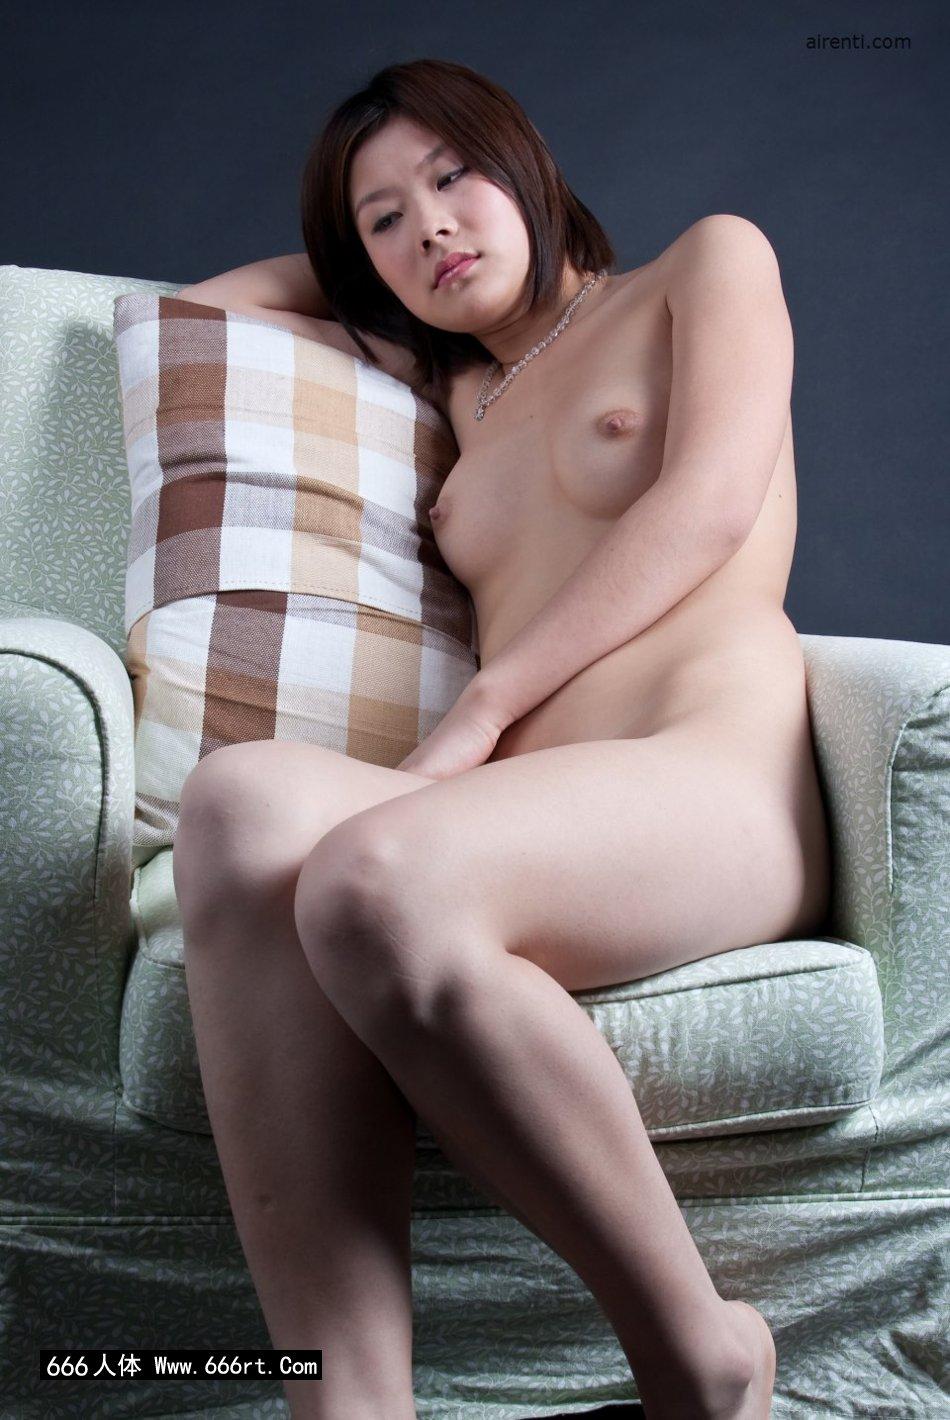 邻家女孩宋蕊布艺沙发上棚拍人体